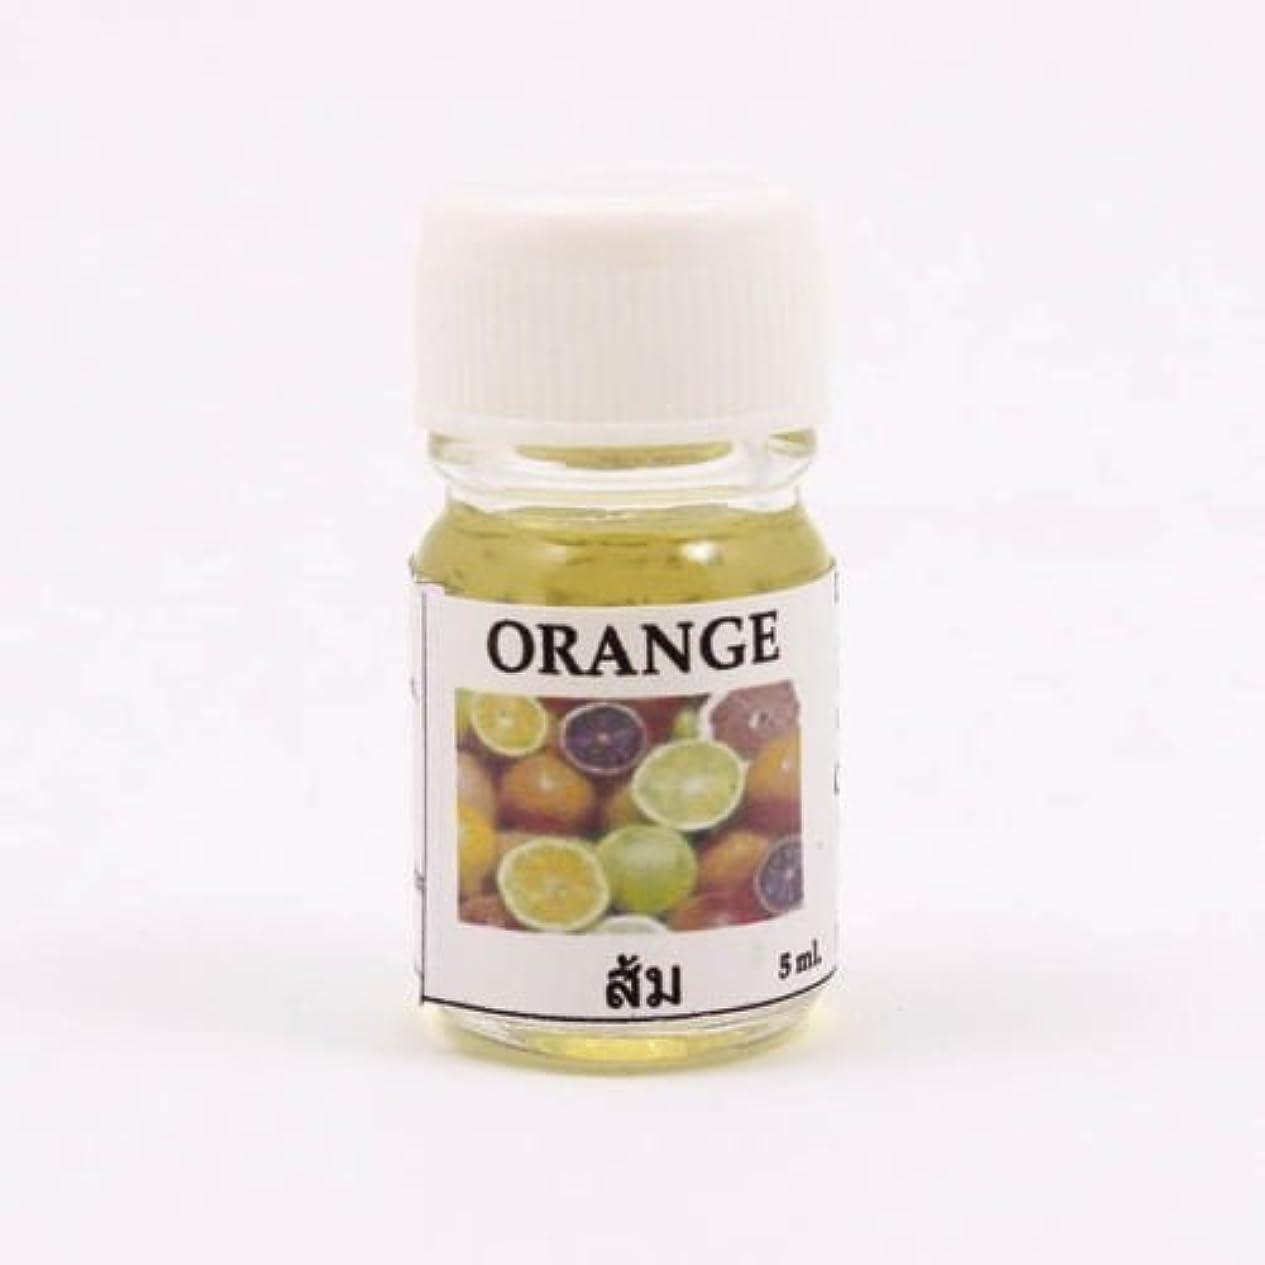 さびた退屈させるハドル6X Orange Aroma Fragrance Essential Oil 5ML. (cc) Diffuser Burner Therapy